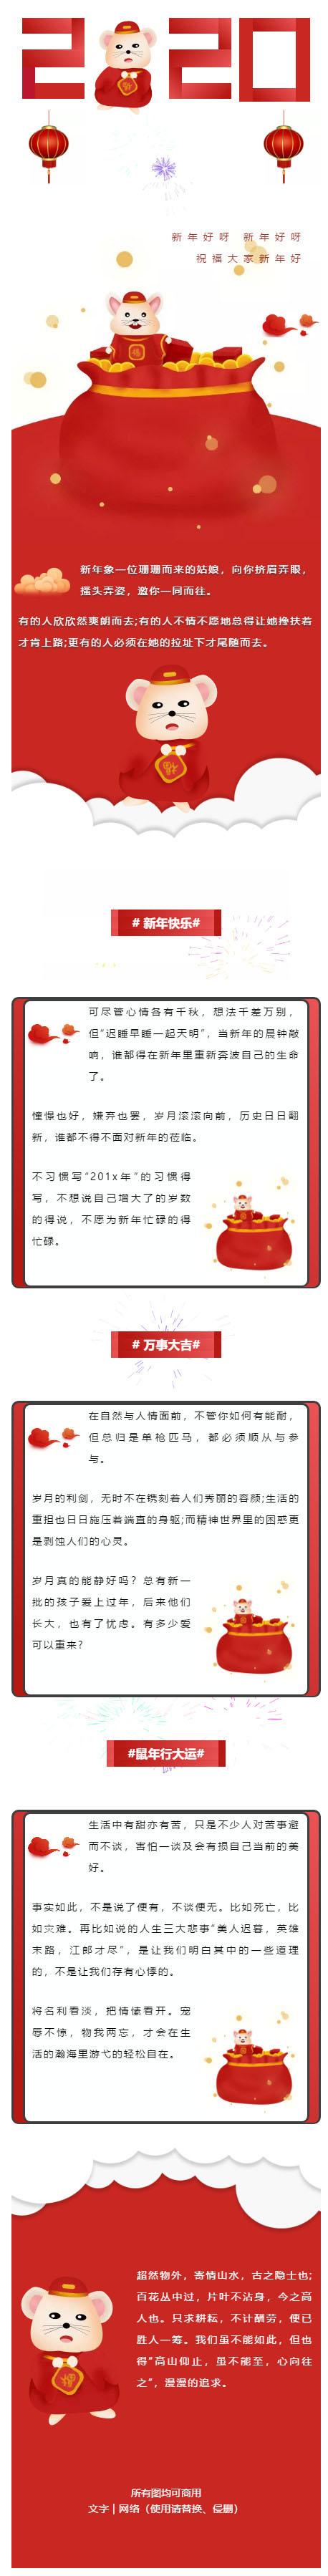 2020鼠年小年春节新年红色风格推文模板推送素材微信图文单